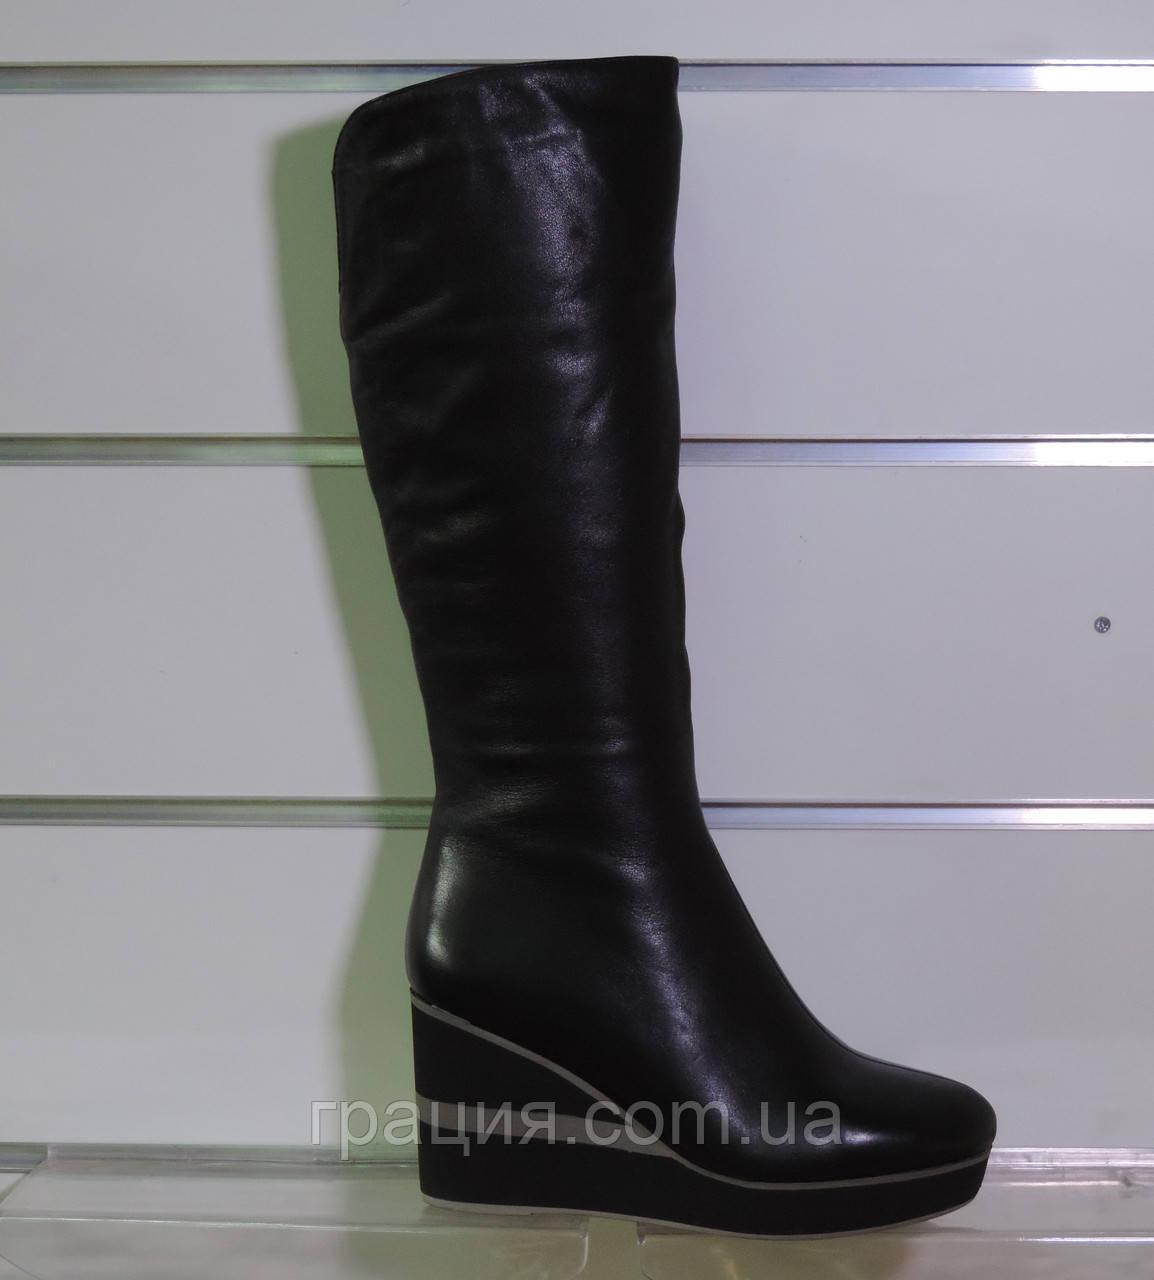 Шкіряні зимові чобітки на танкетці з натуральним хутром